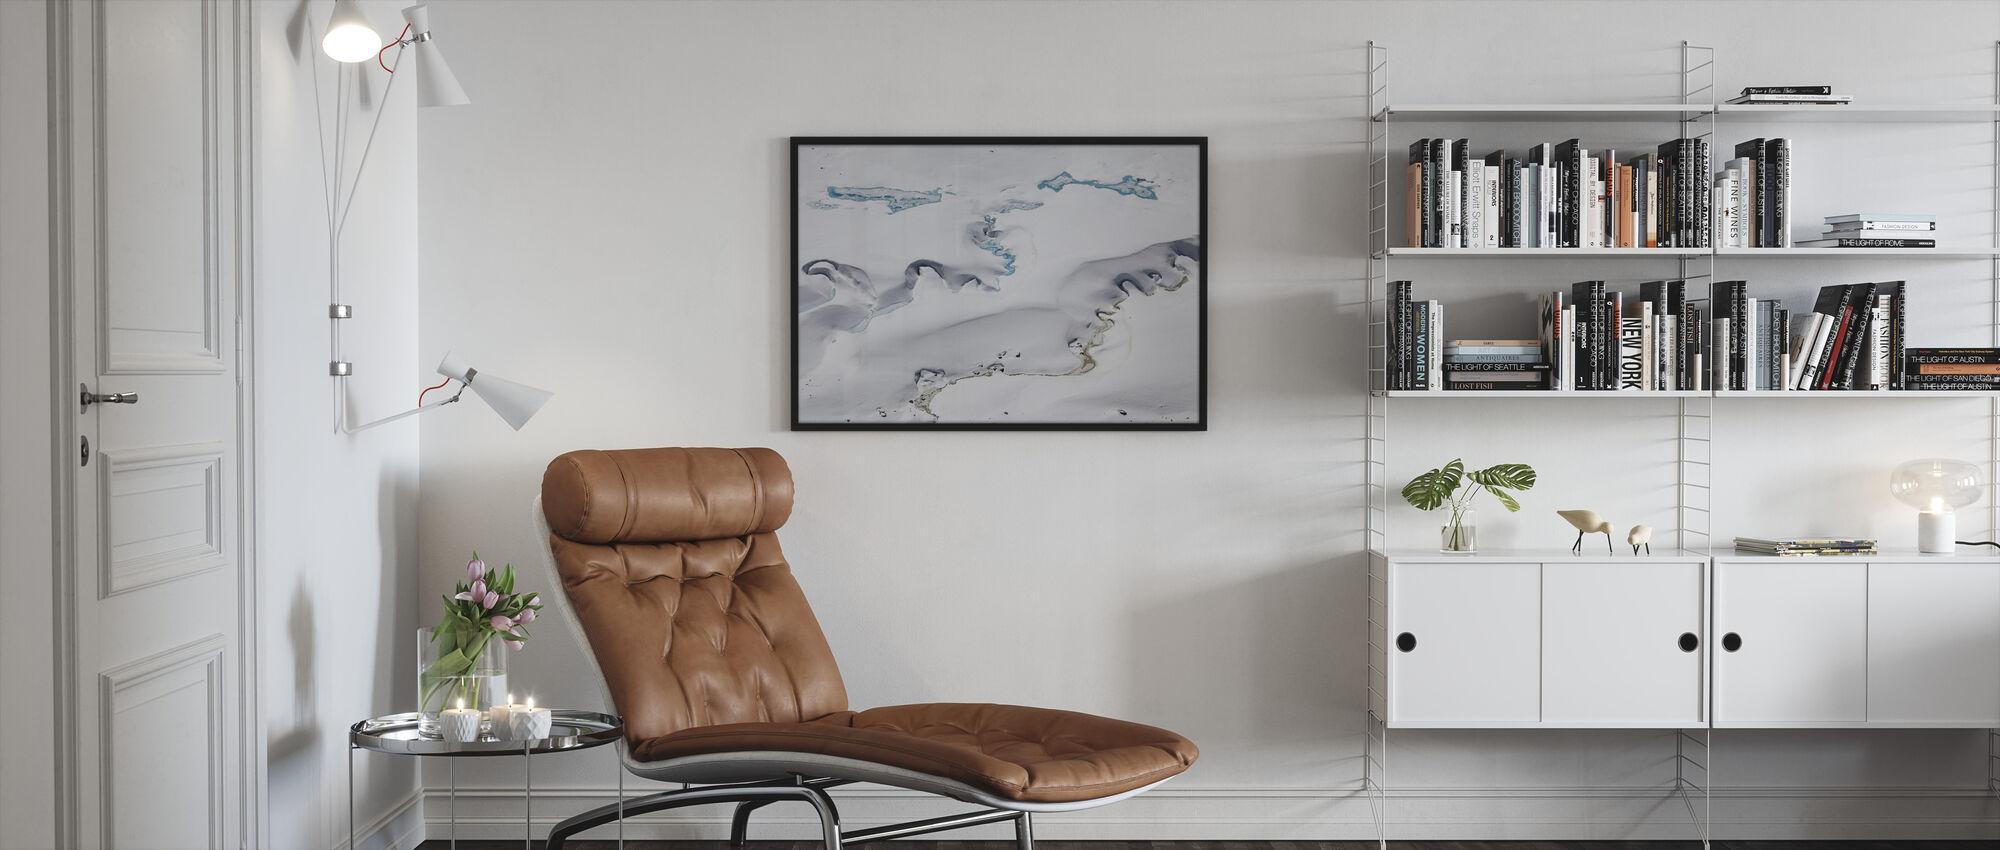 Gorner Glacier with Meltwater Channels - Framed print - Living Room